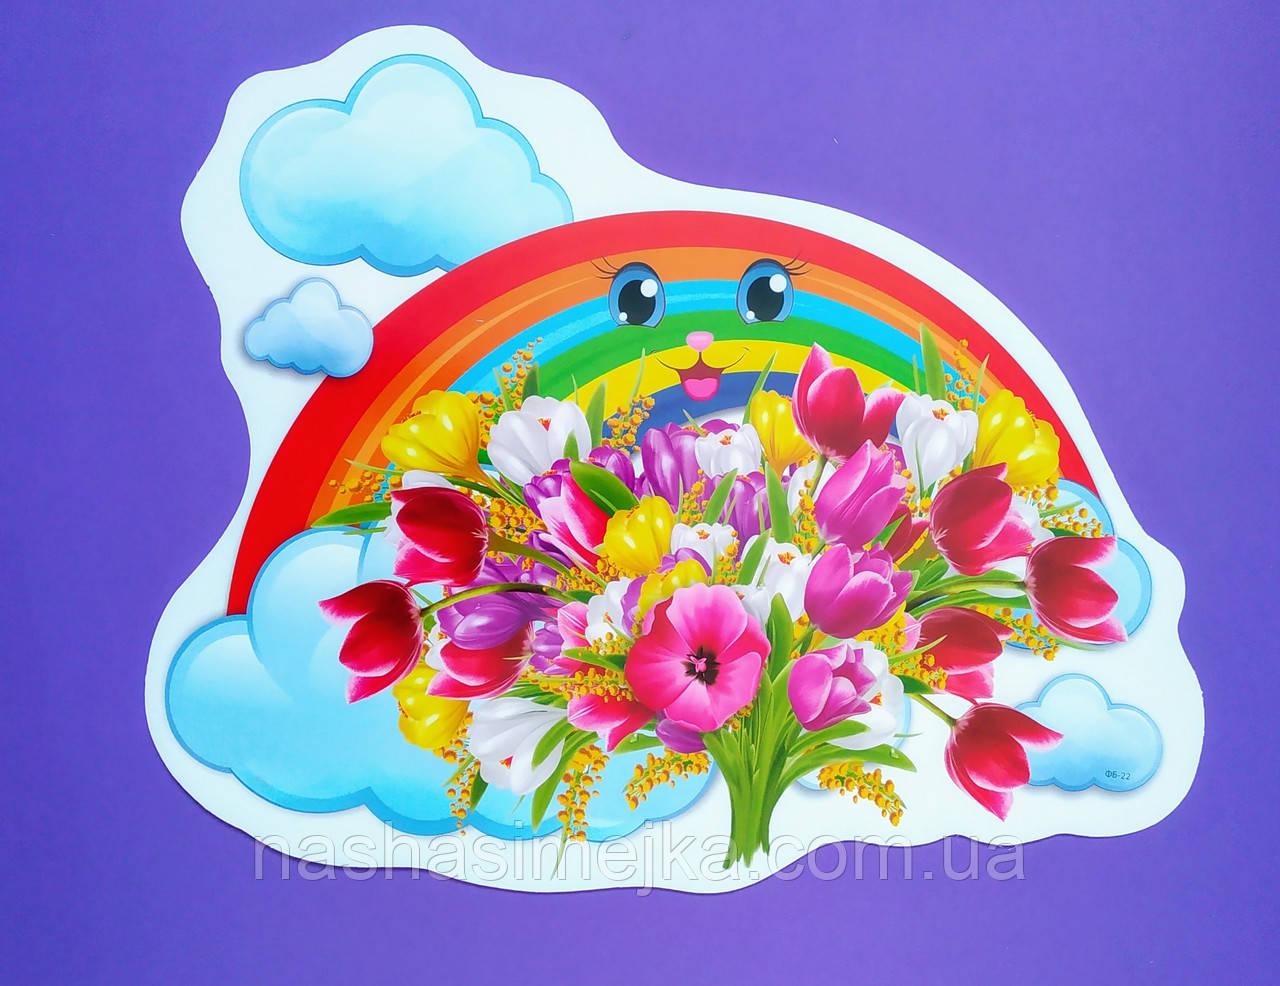 Фігурний плакат. Прикраса «Веселка з квітами». (Етюд)